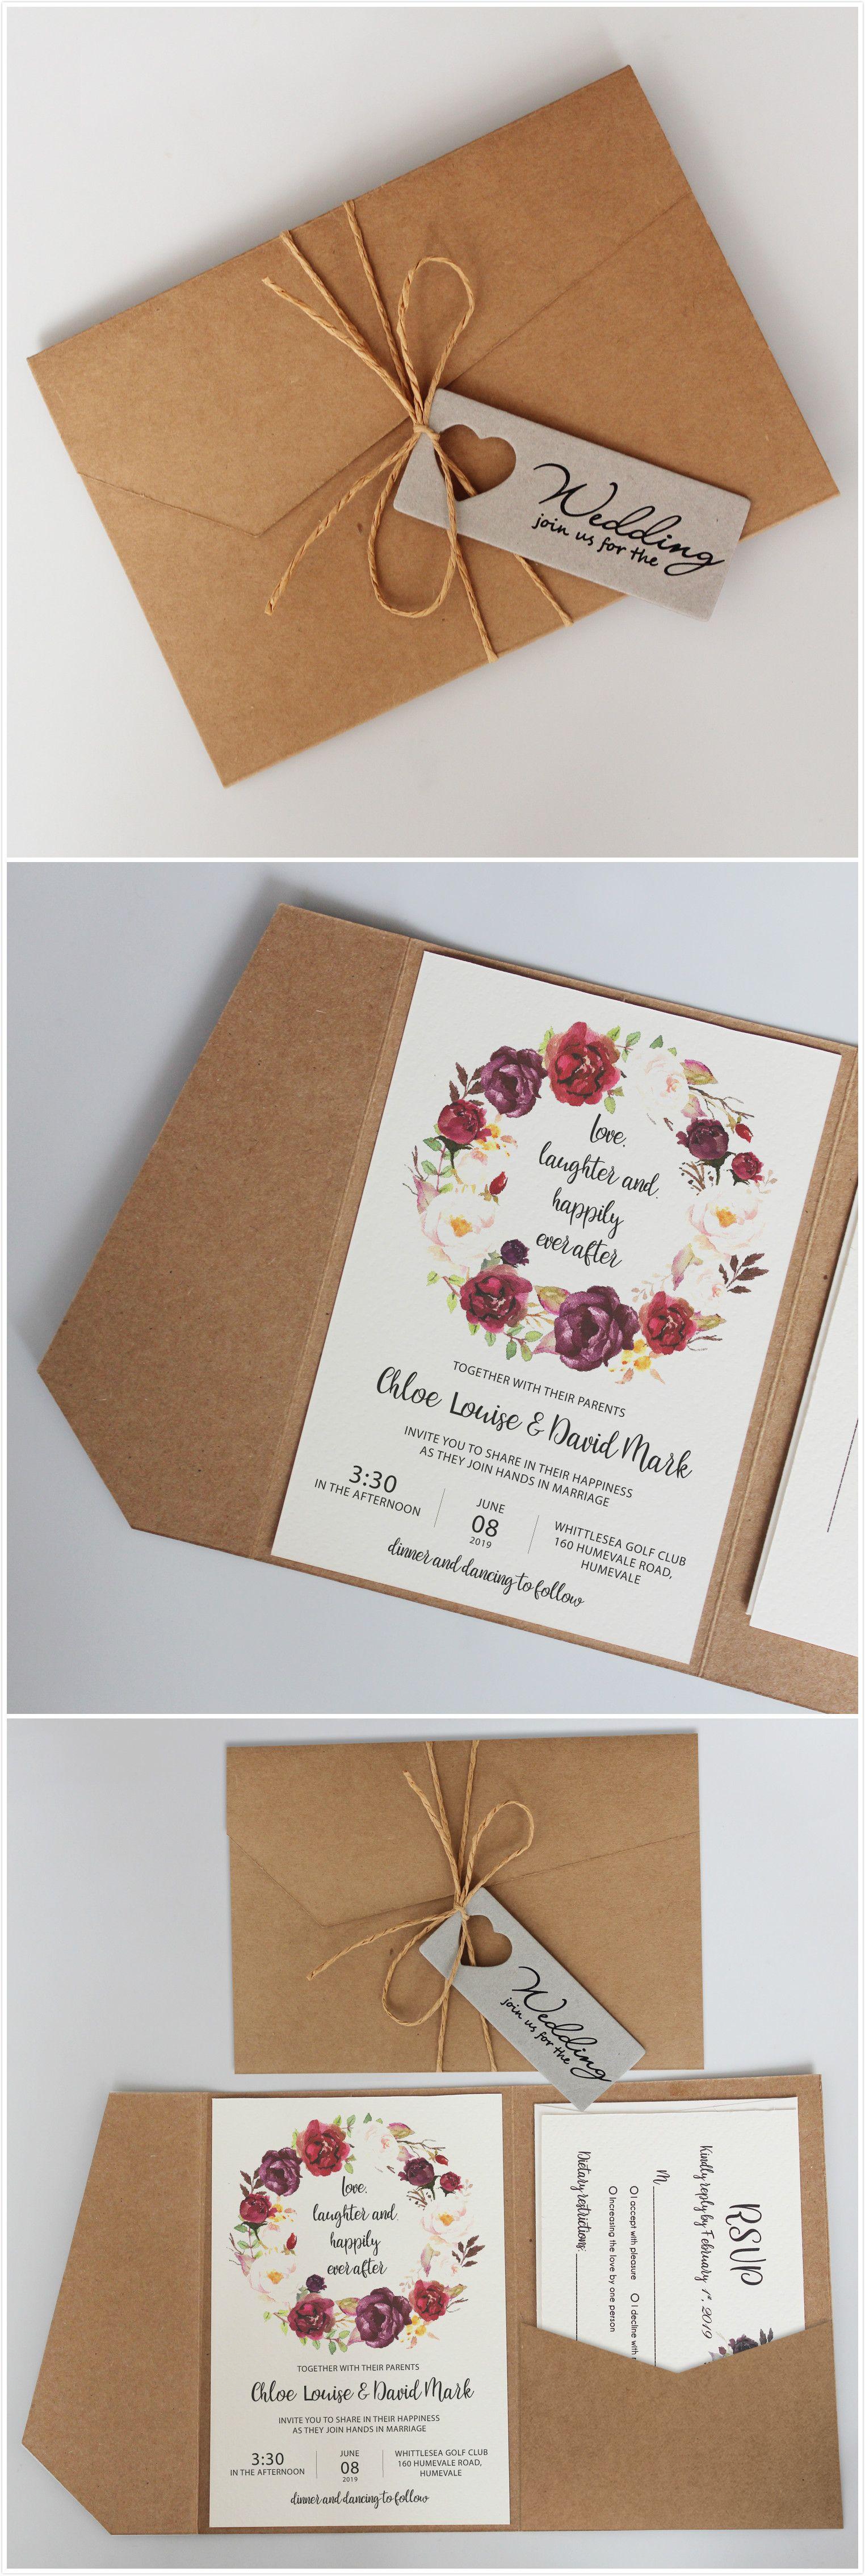 Vintage Pocket Wedding Invitations Rustic Invitation Cards Cust Vintage Wedding Invitation Cards Wedding Invitations Rustic Vintage Pocket Wedding Invitations